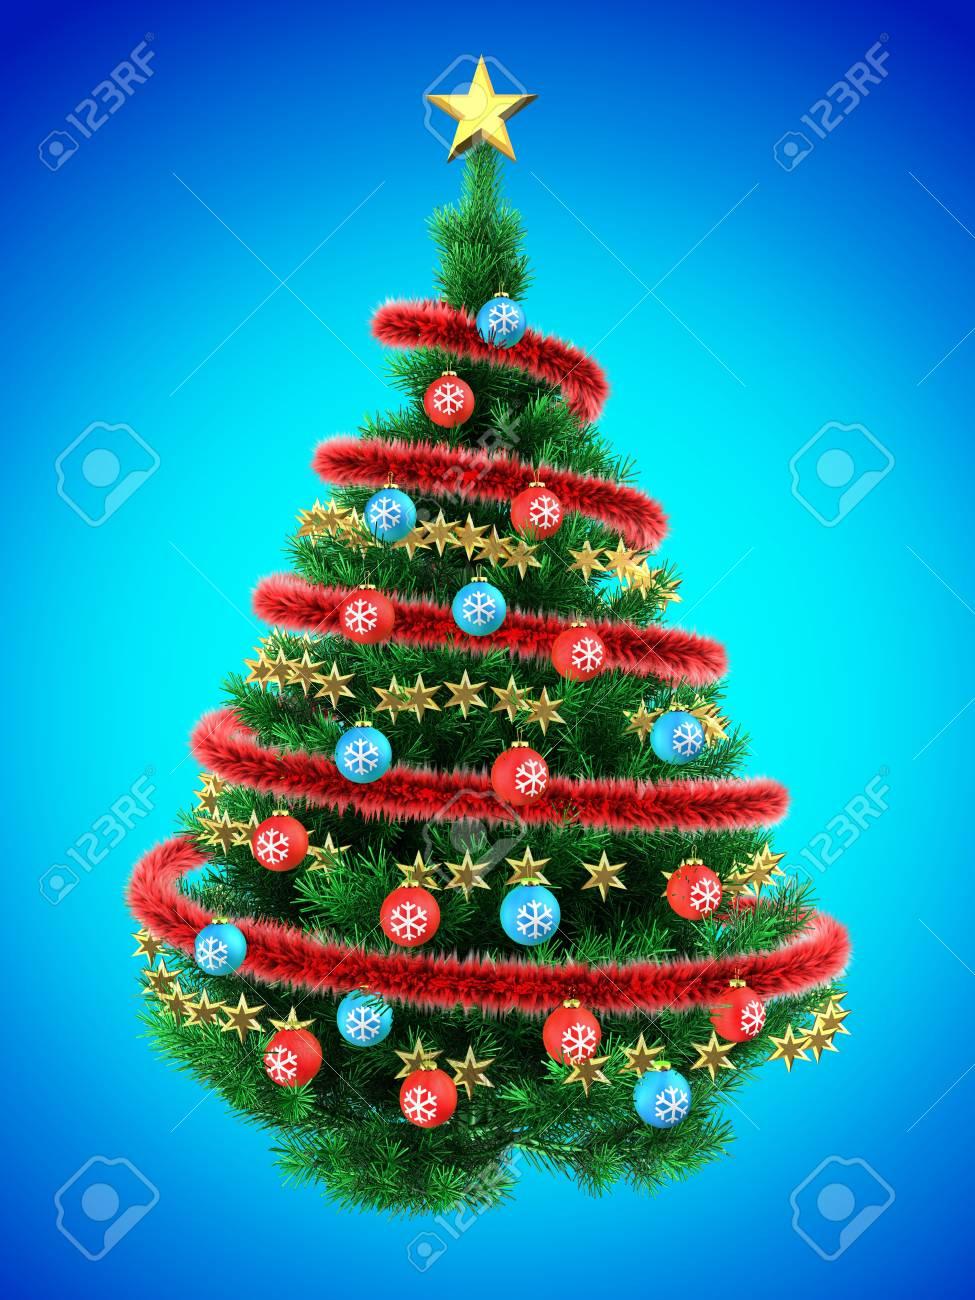 Foto Di Alberi Di Natale.Illustrazione 3d Di Albero Di Natale Su Blu Con Palle Rosse E Rosso Frippery